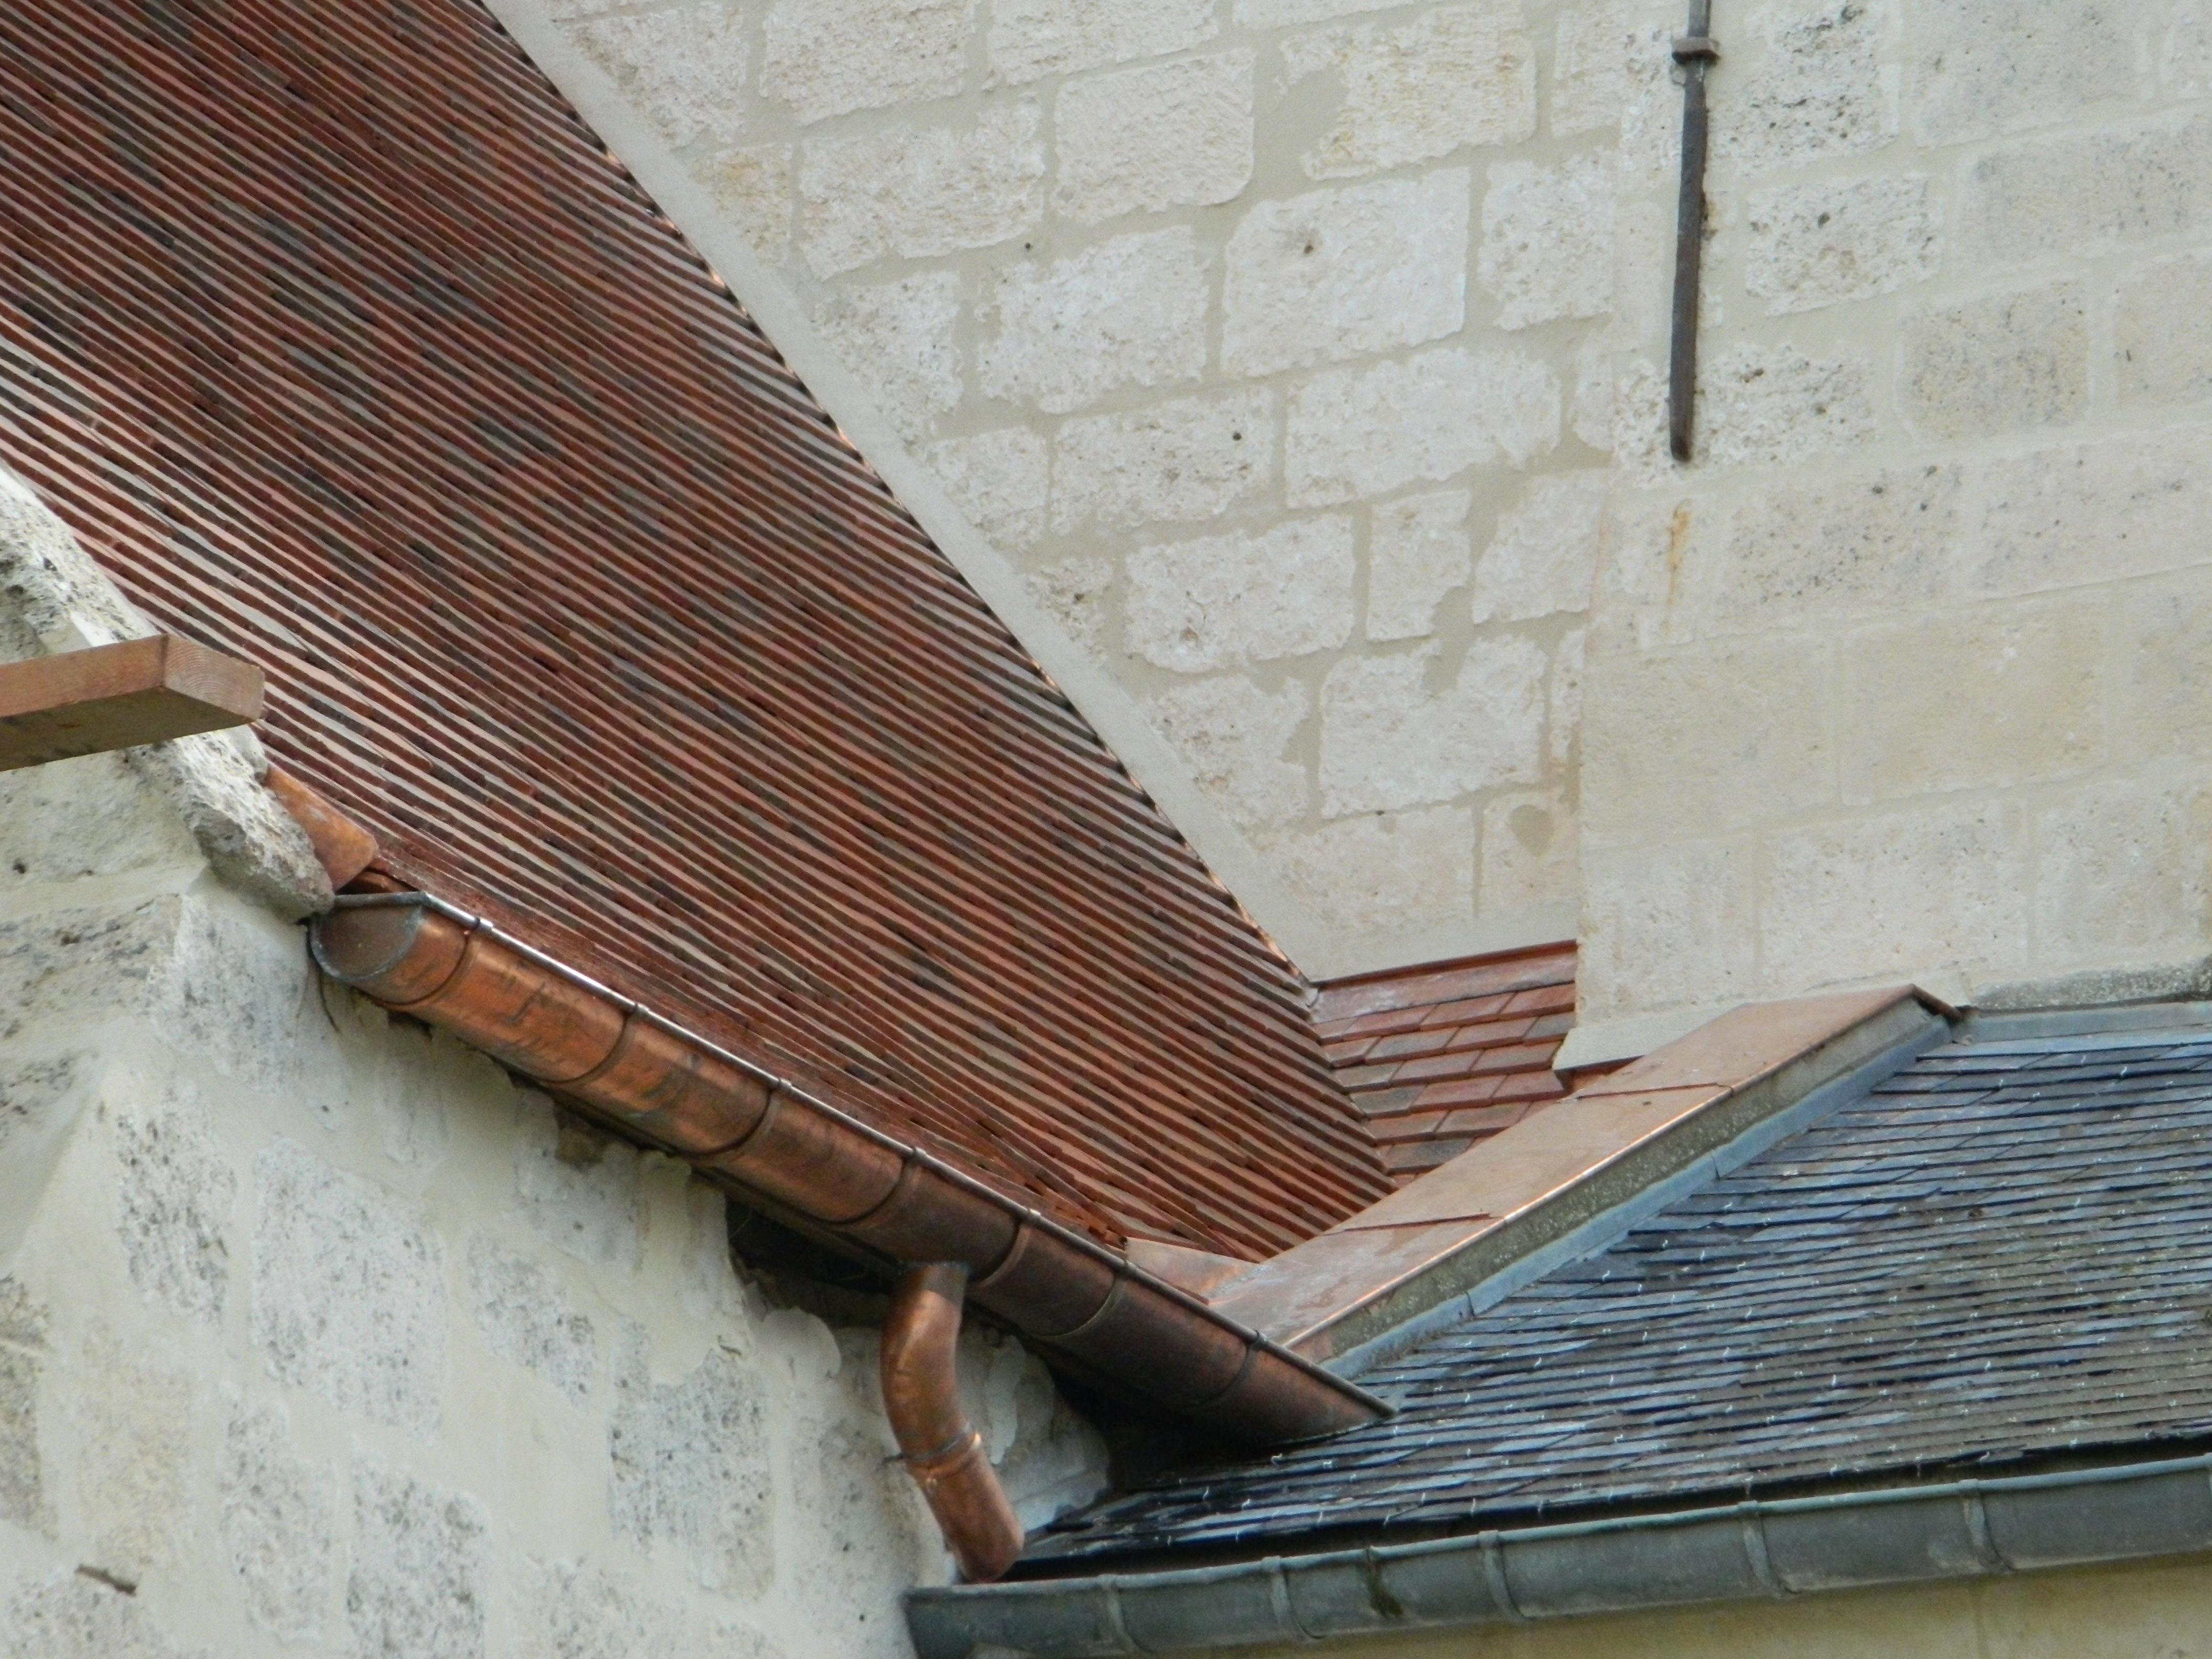 Eglise de billy sur aisne toitures soissonnaises for Feuille de cuivre toiture